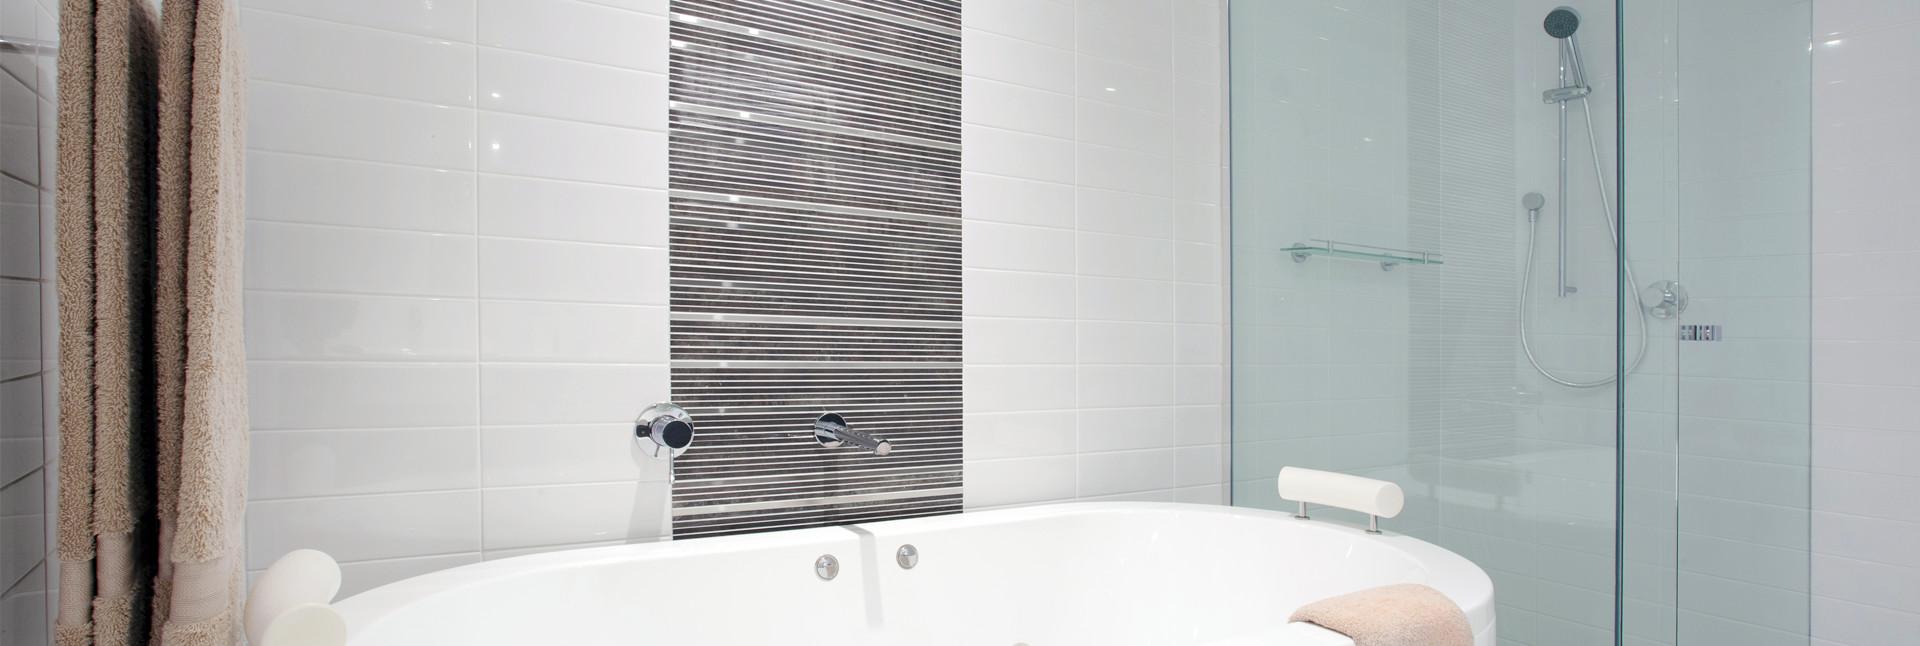 Showerman Frameless Shower Doors New Jersey Shower